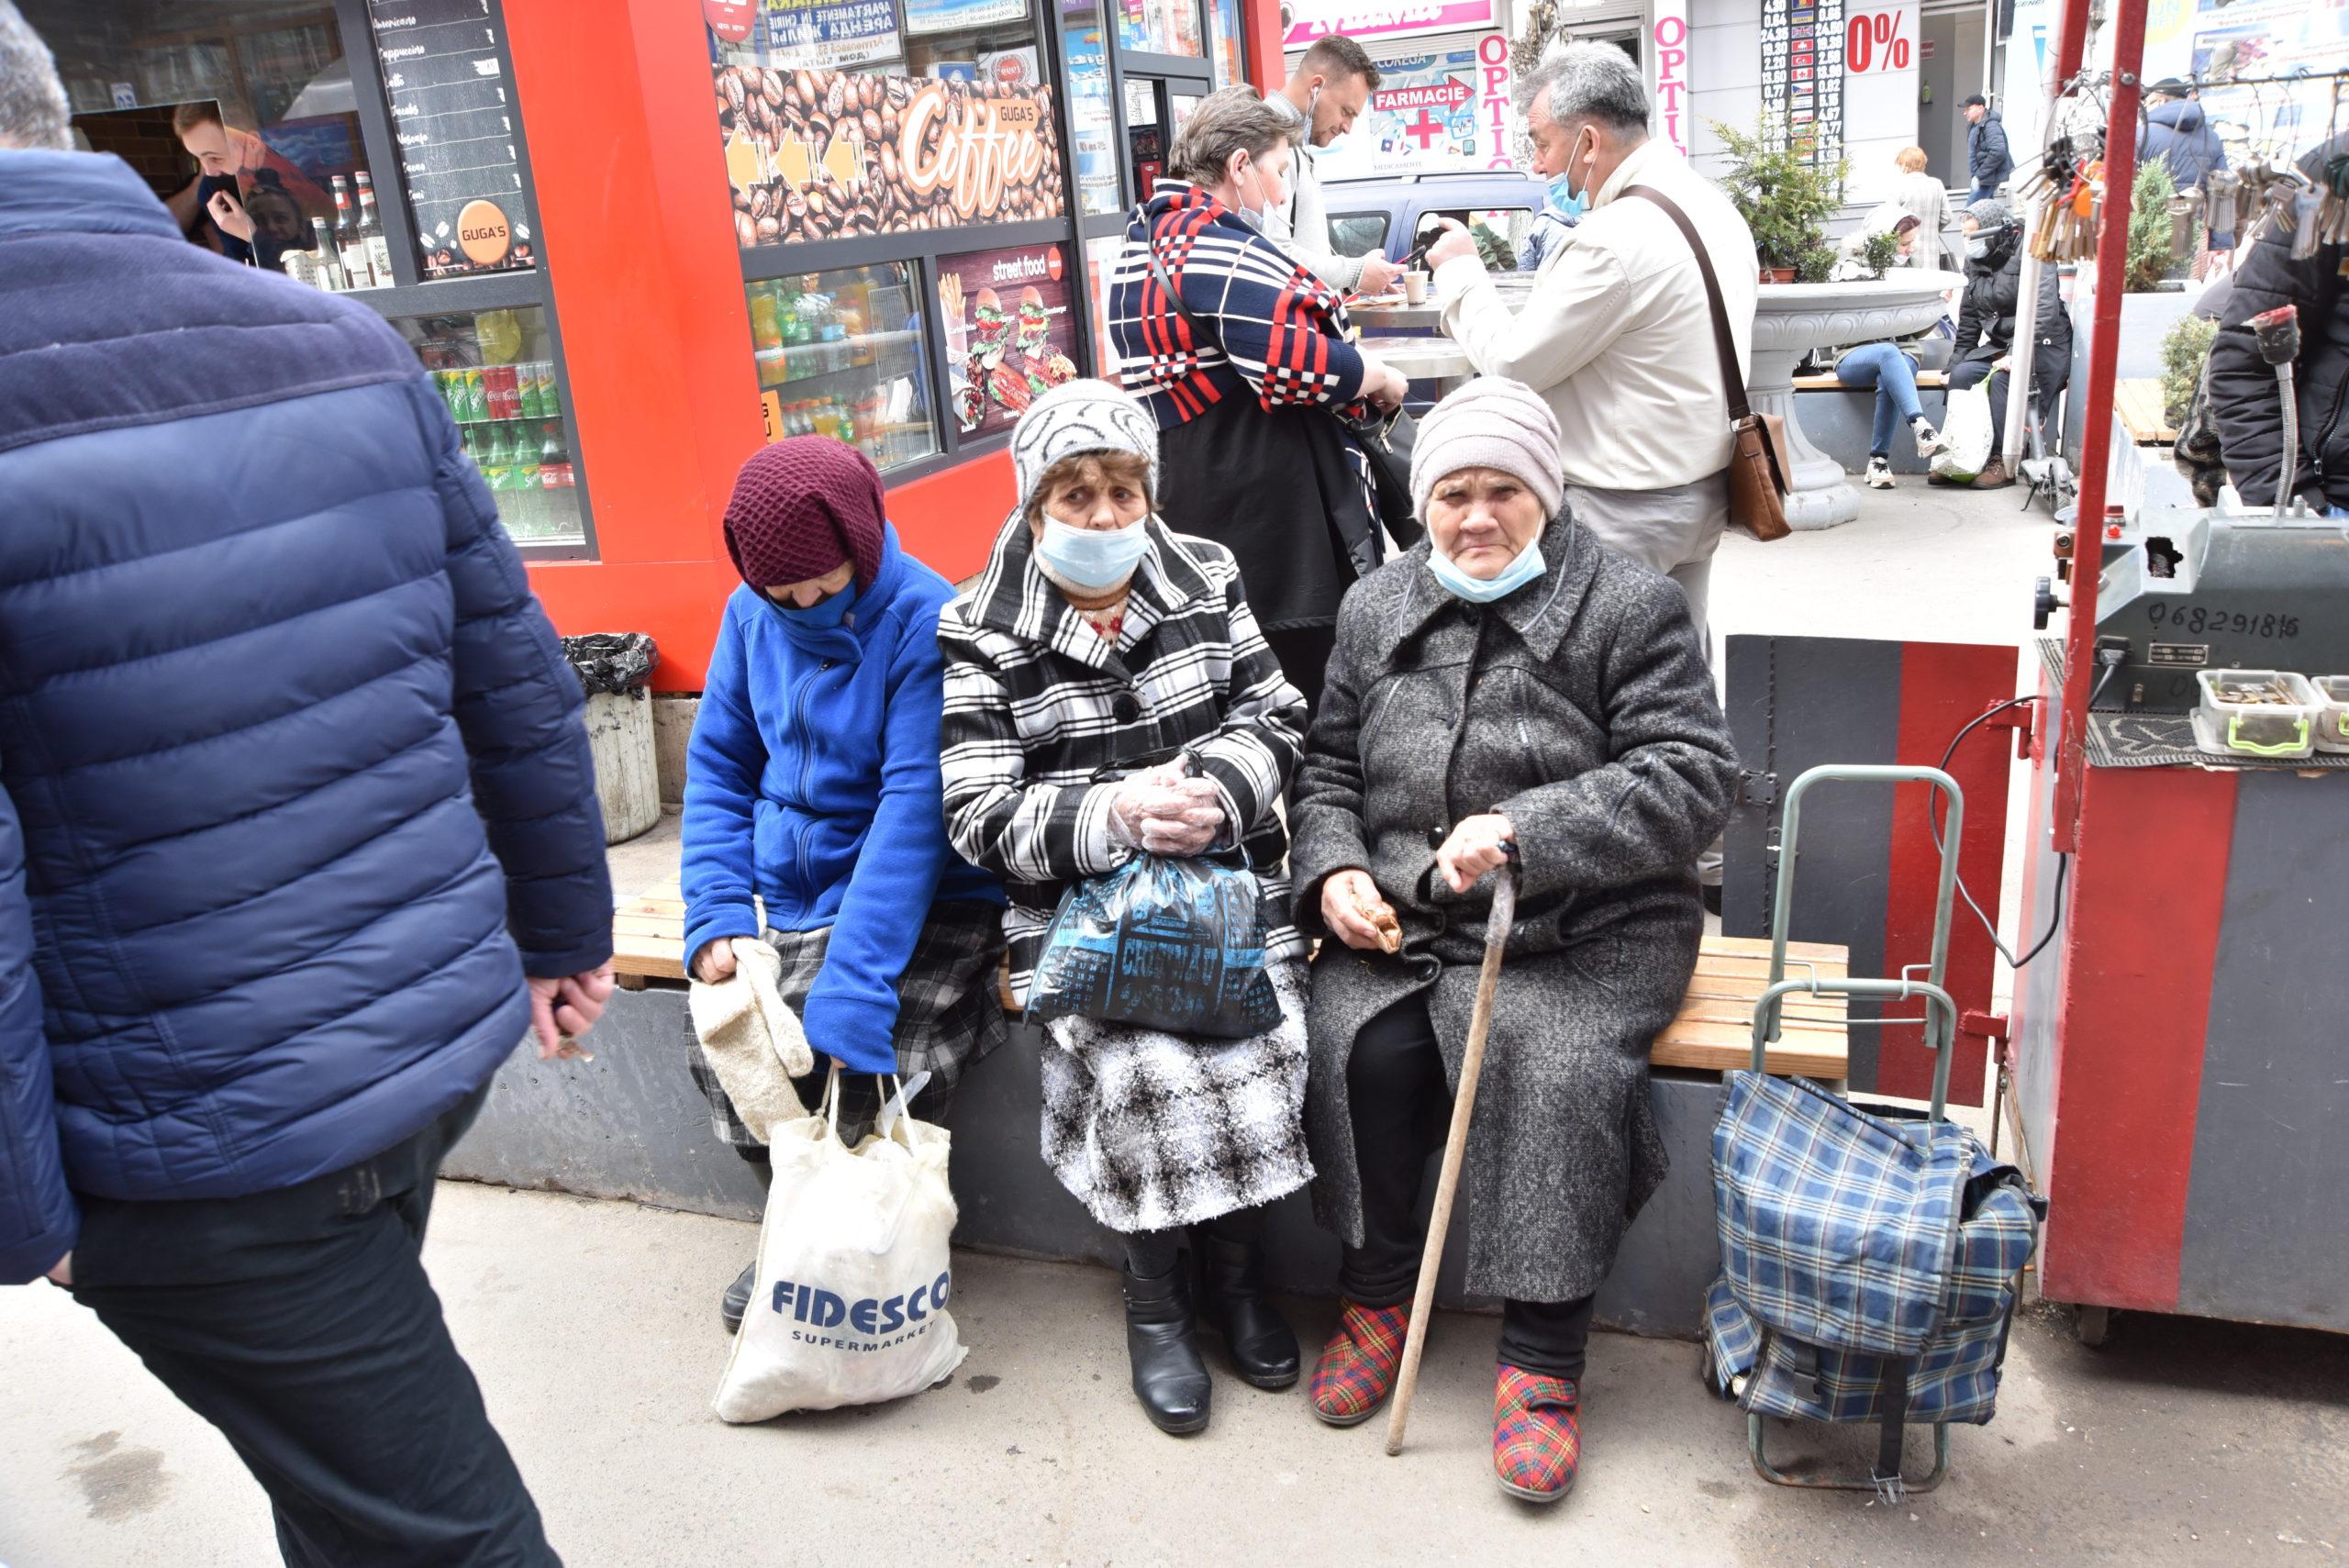 Chișinăul după o săptămână de stare de urgență. Fotoreportaj NM